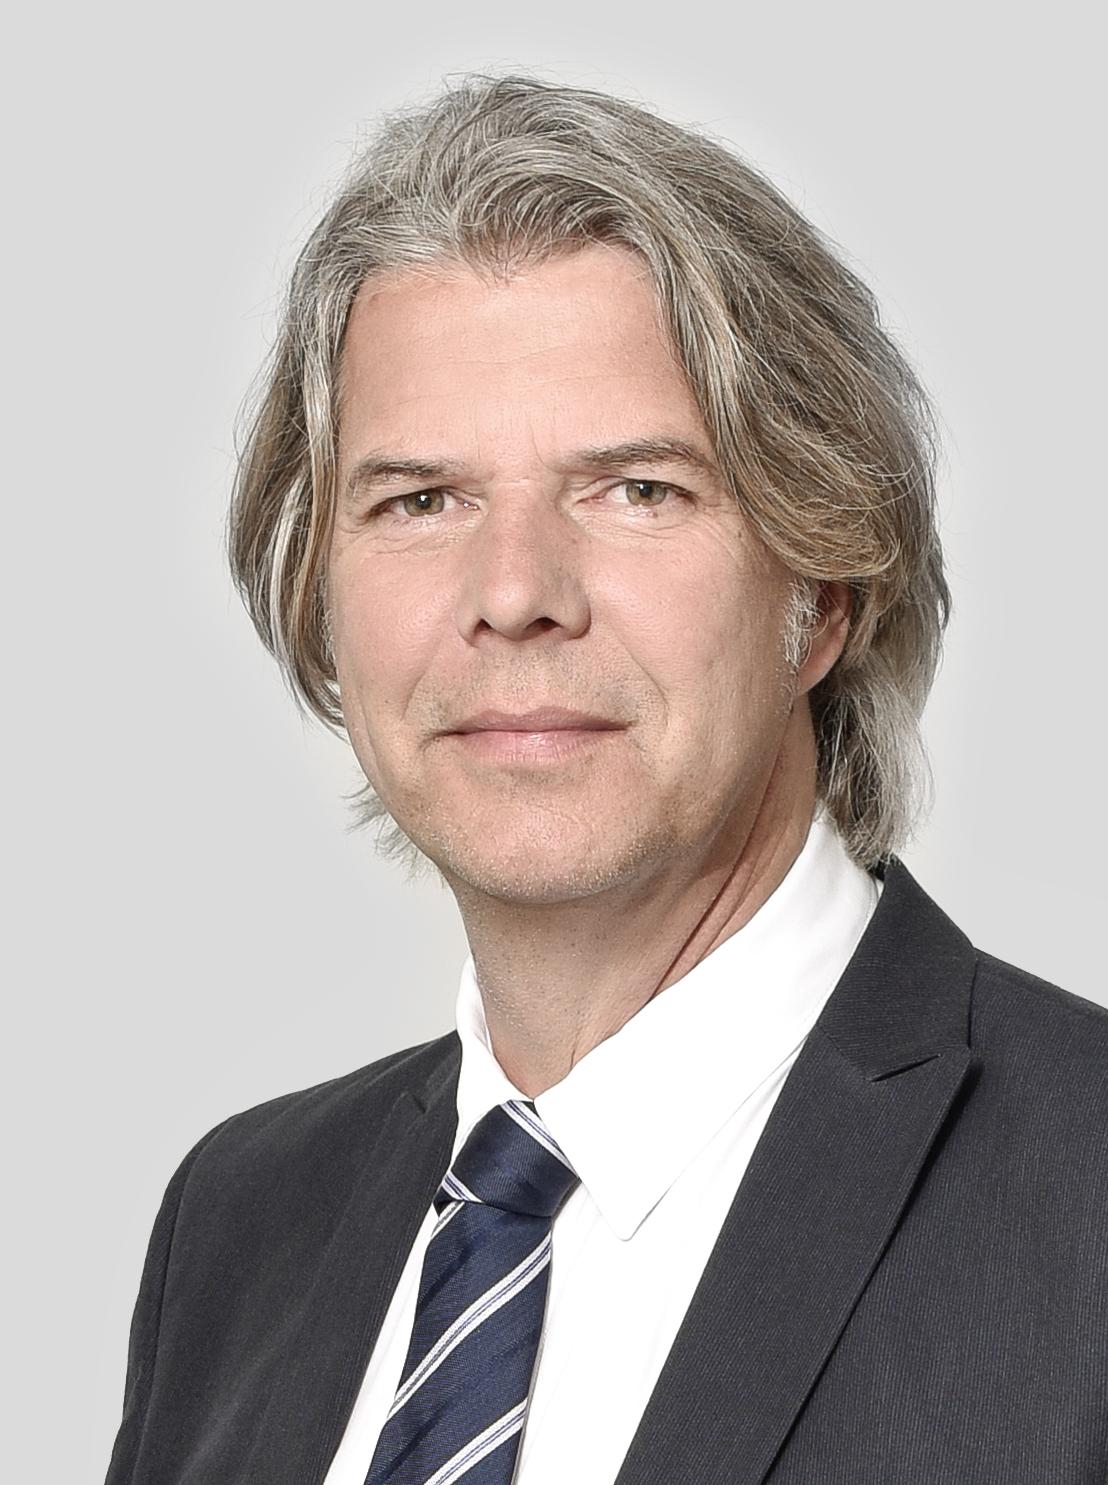 Dr. Michael Koenig - DVTM | Deutscher Verband für Telekommunikation und Medien